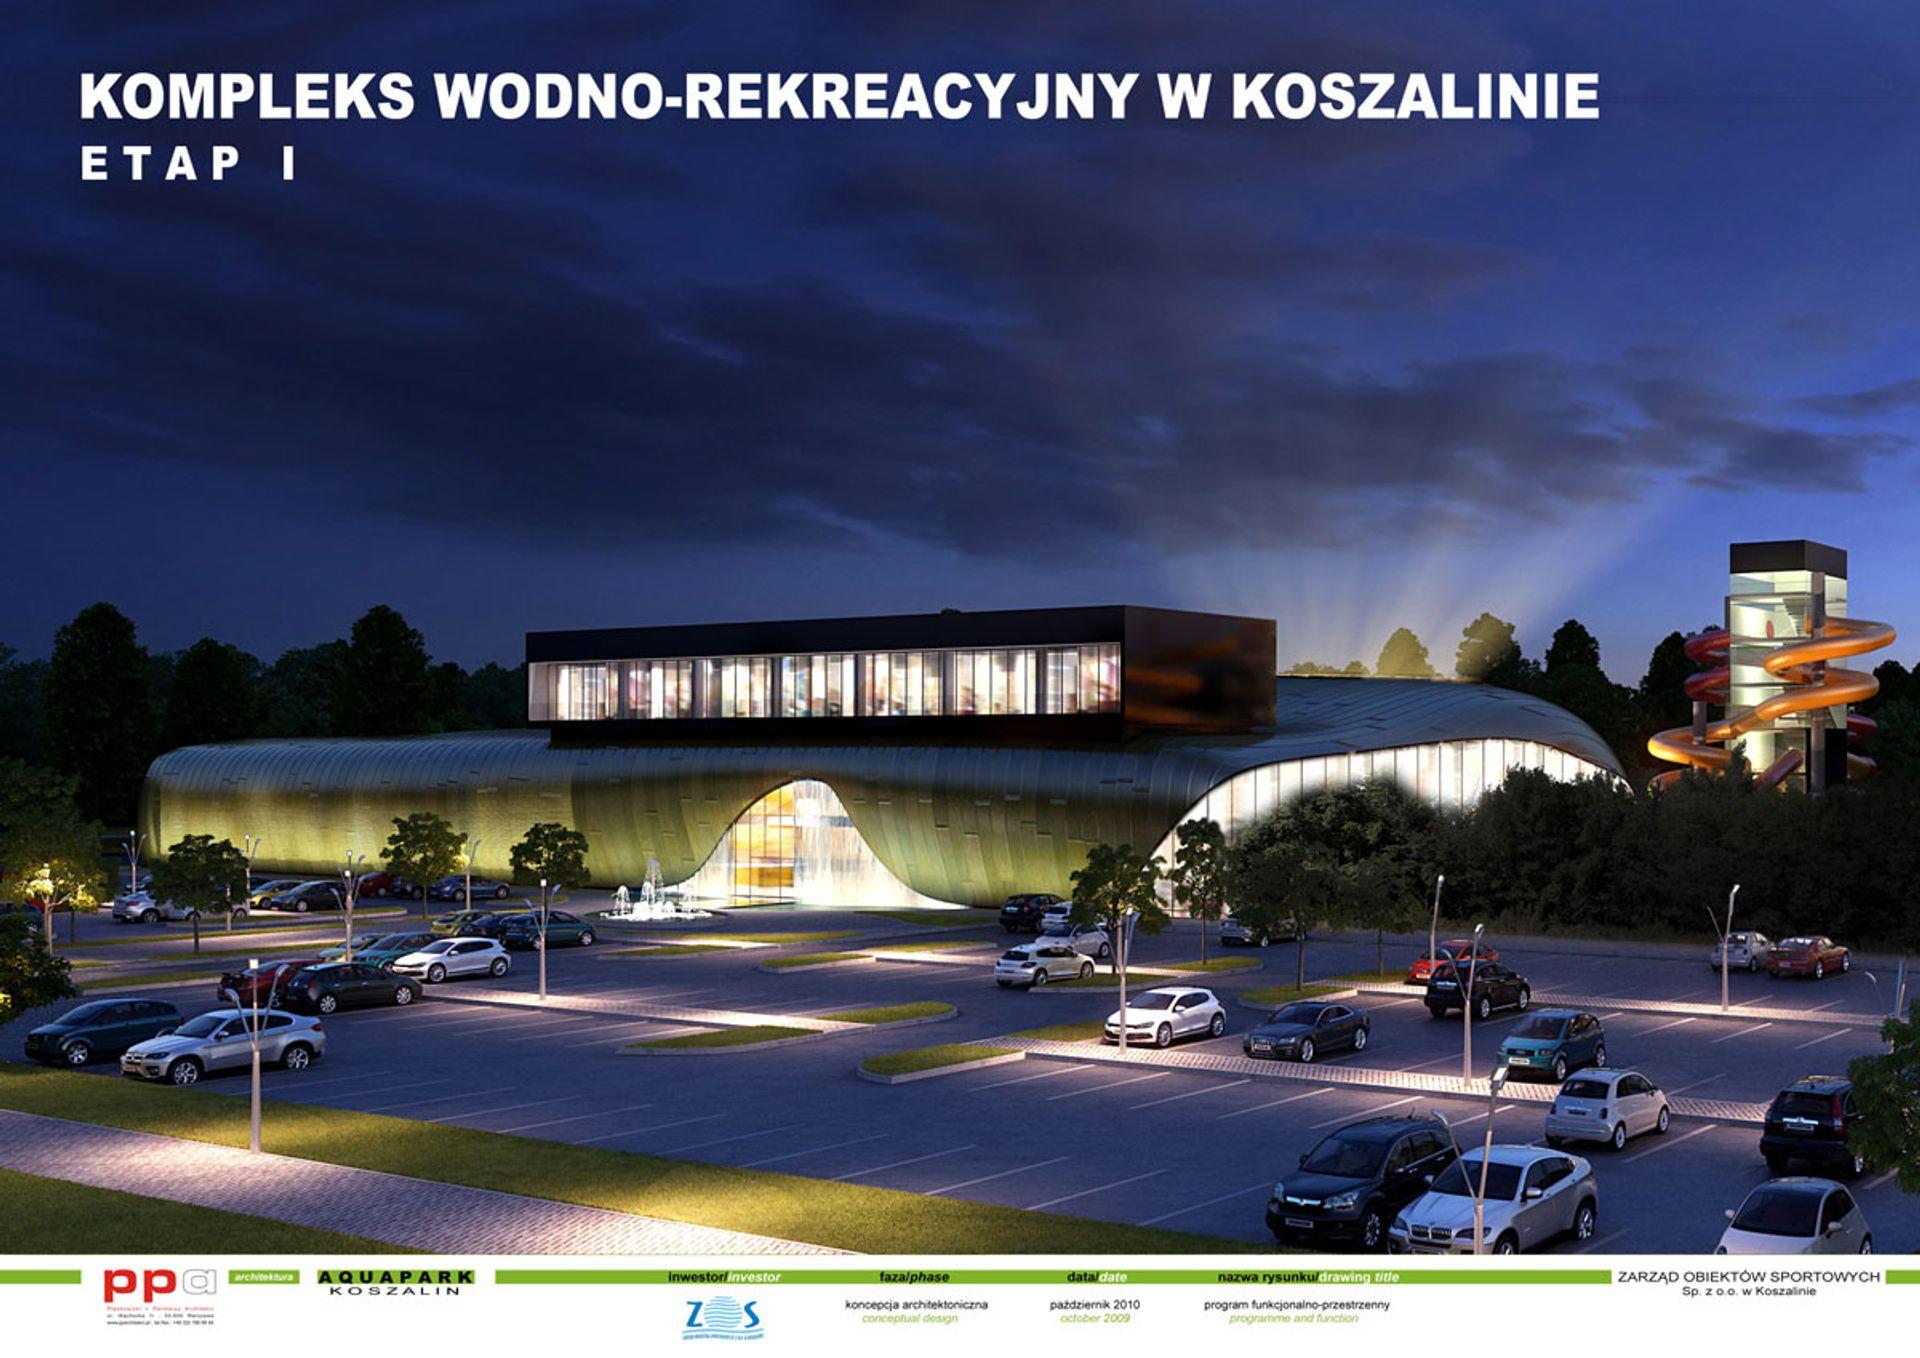 [zachodniopomorskie] Zarząd Obiektów Sportowych Sp. z o.o. zerwał umowę na budowę aquaparku w Koszalinie